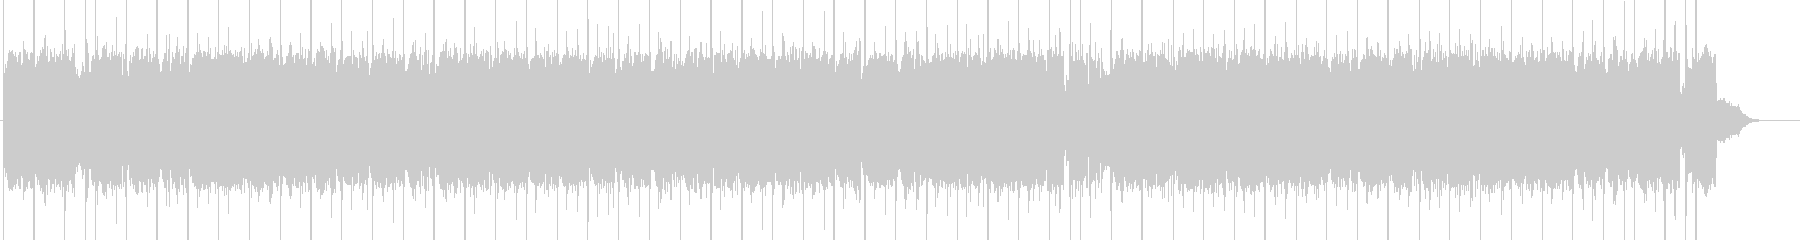 3拍子 メルヘン調でファンタジーなBGMの未再生の波形